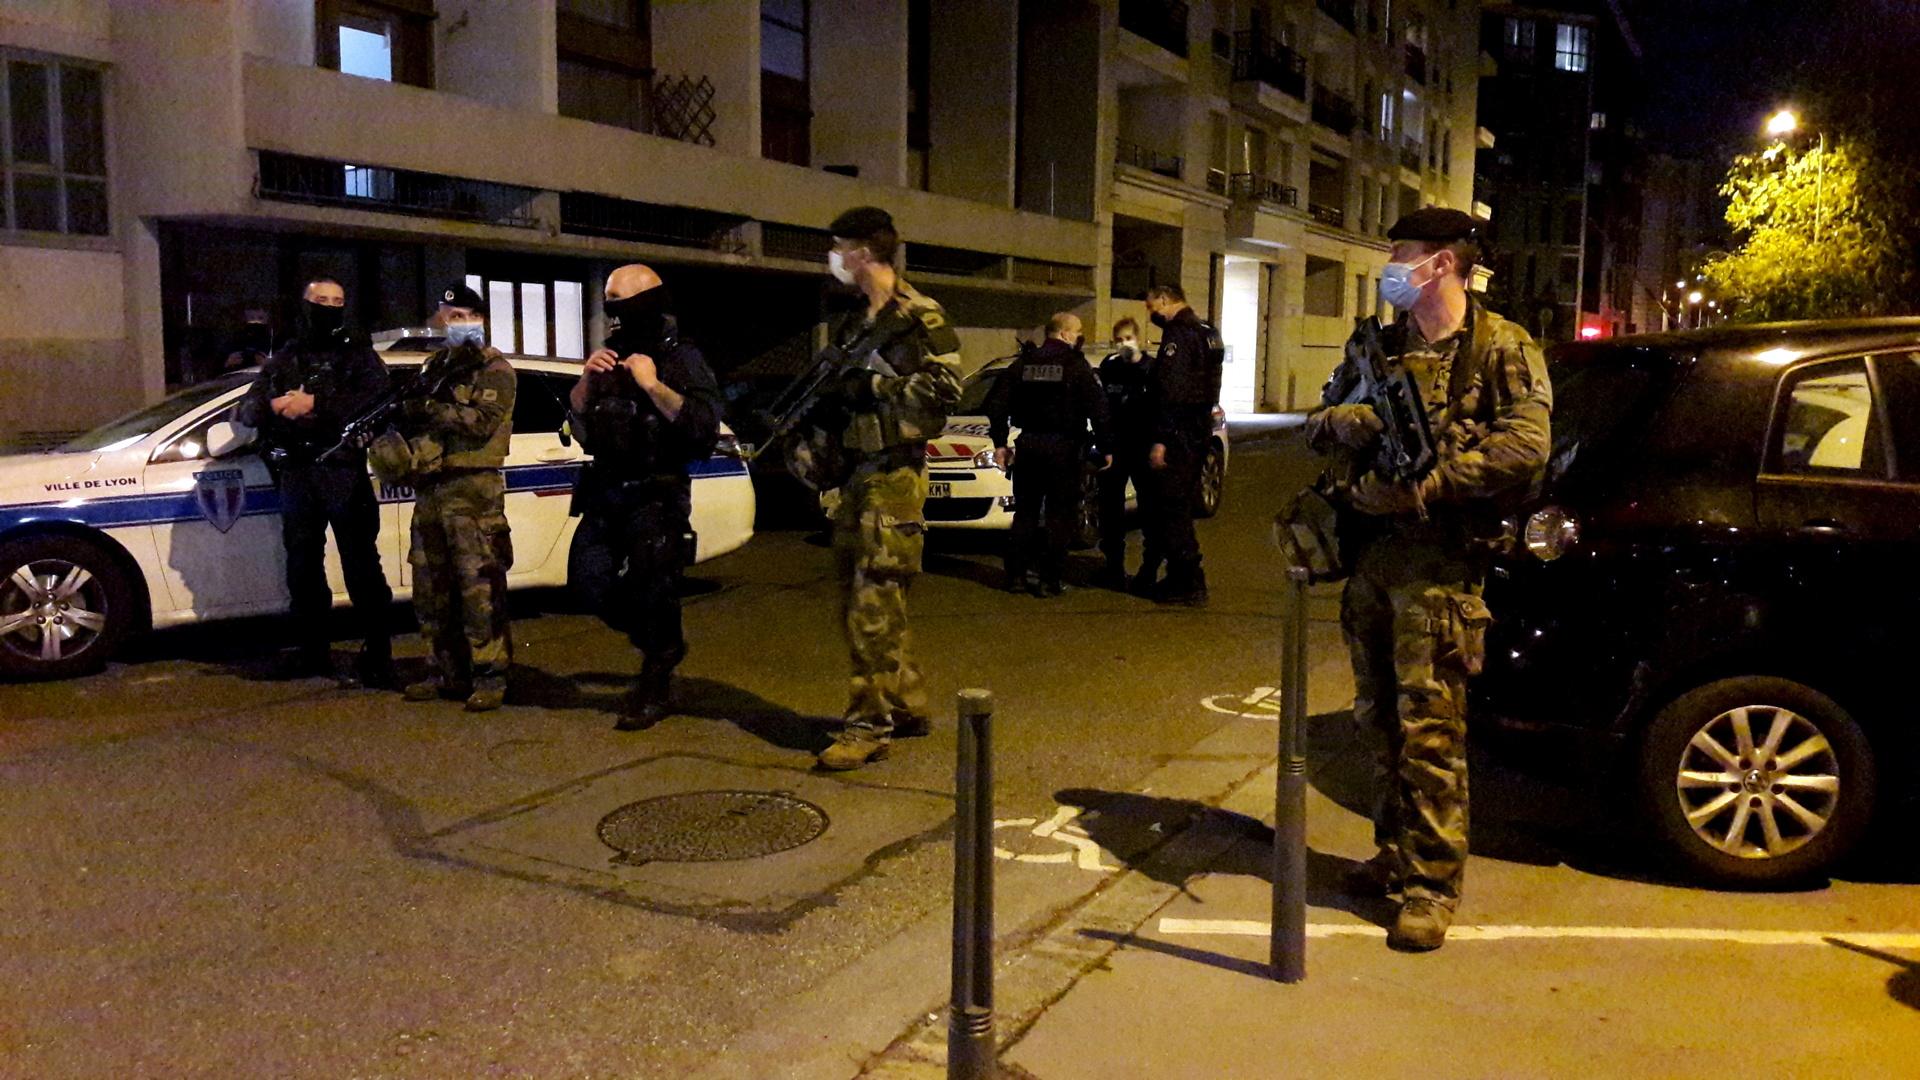 عناصر لقوات الأمن الفرنسية في موقع هجوم على كاهن مسيحي في مدينة ليون.